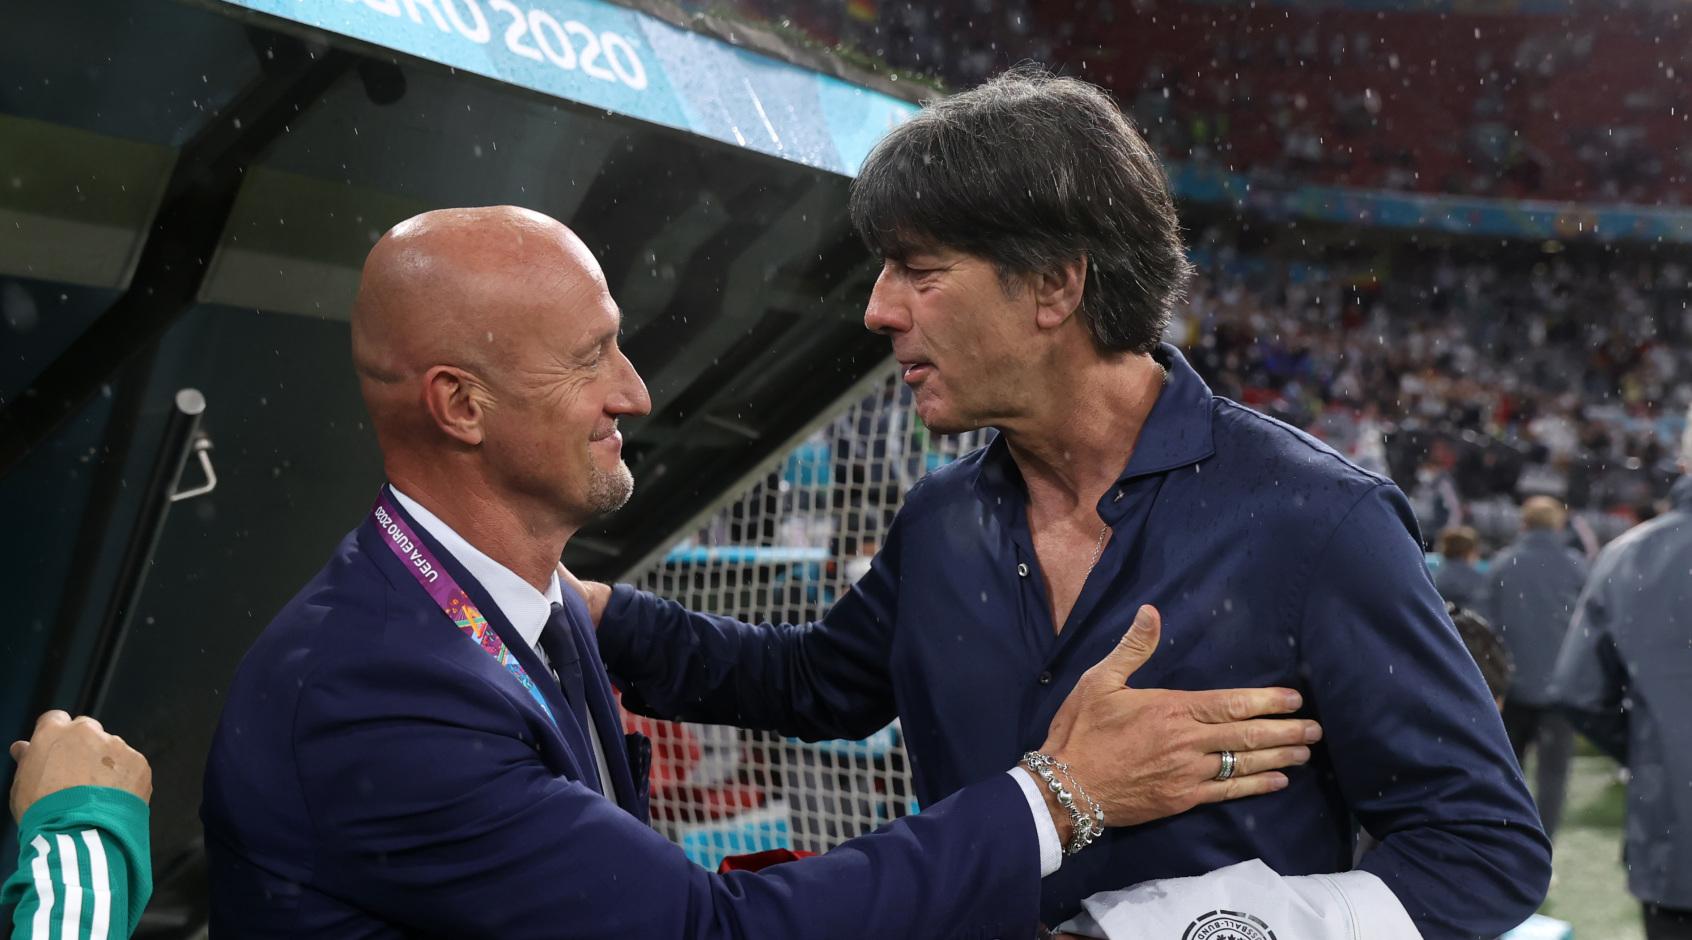 """Марко Росси: """"Мне не верится, что Венгрия разочарована счетом 2:2 в Мюнхене, а немцы довольны"""""""